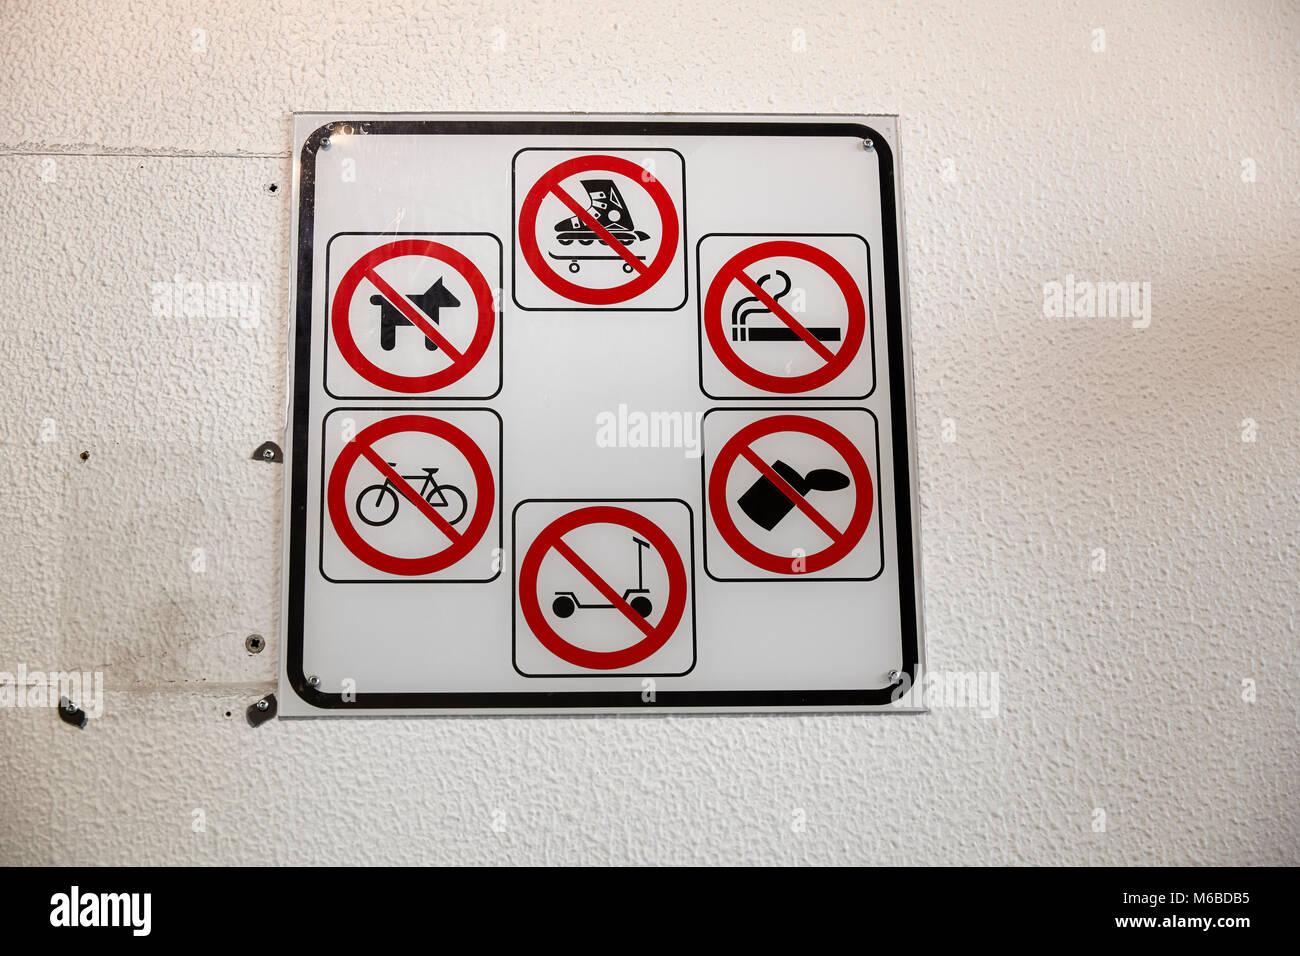 No dogs, no skating, no smoking, no littering, no scooter, no bicycles signs - Stock Image